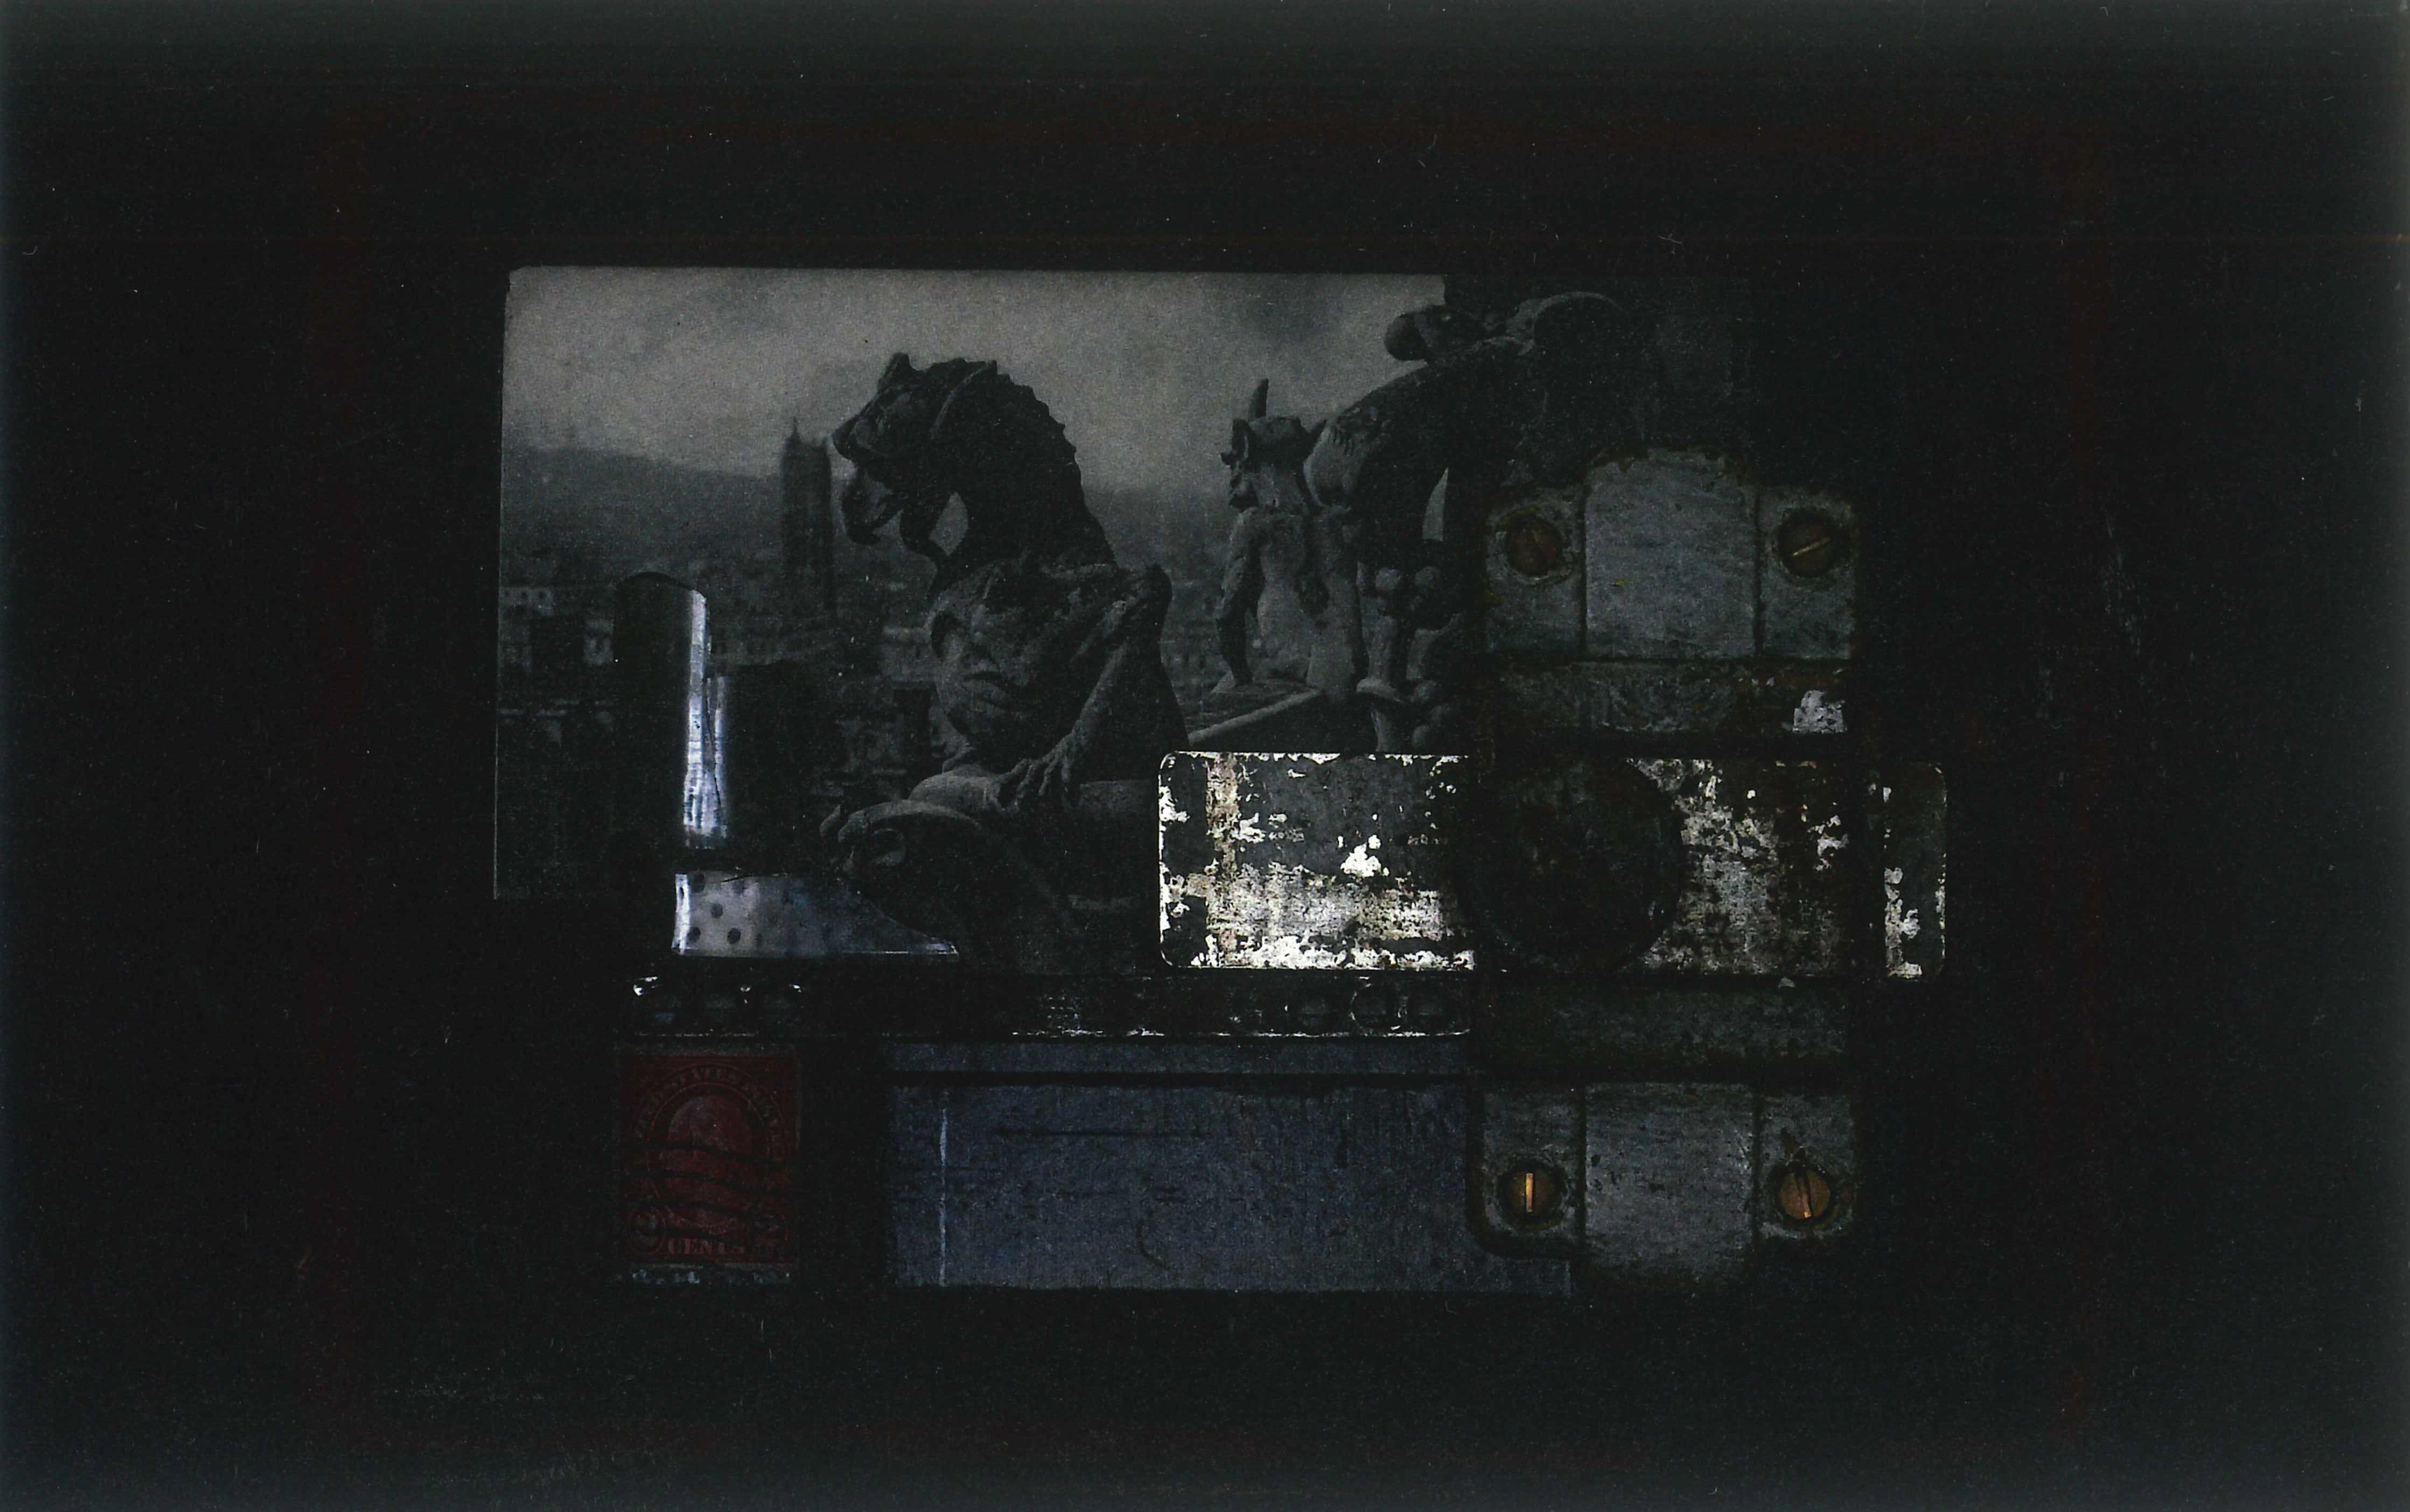 北川健次展〈狂った方位ーエステ荘の南の庭で〉